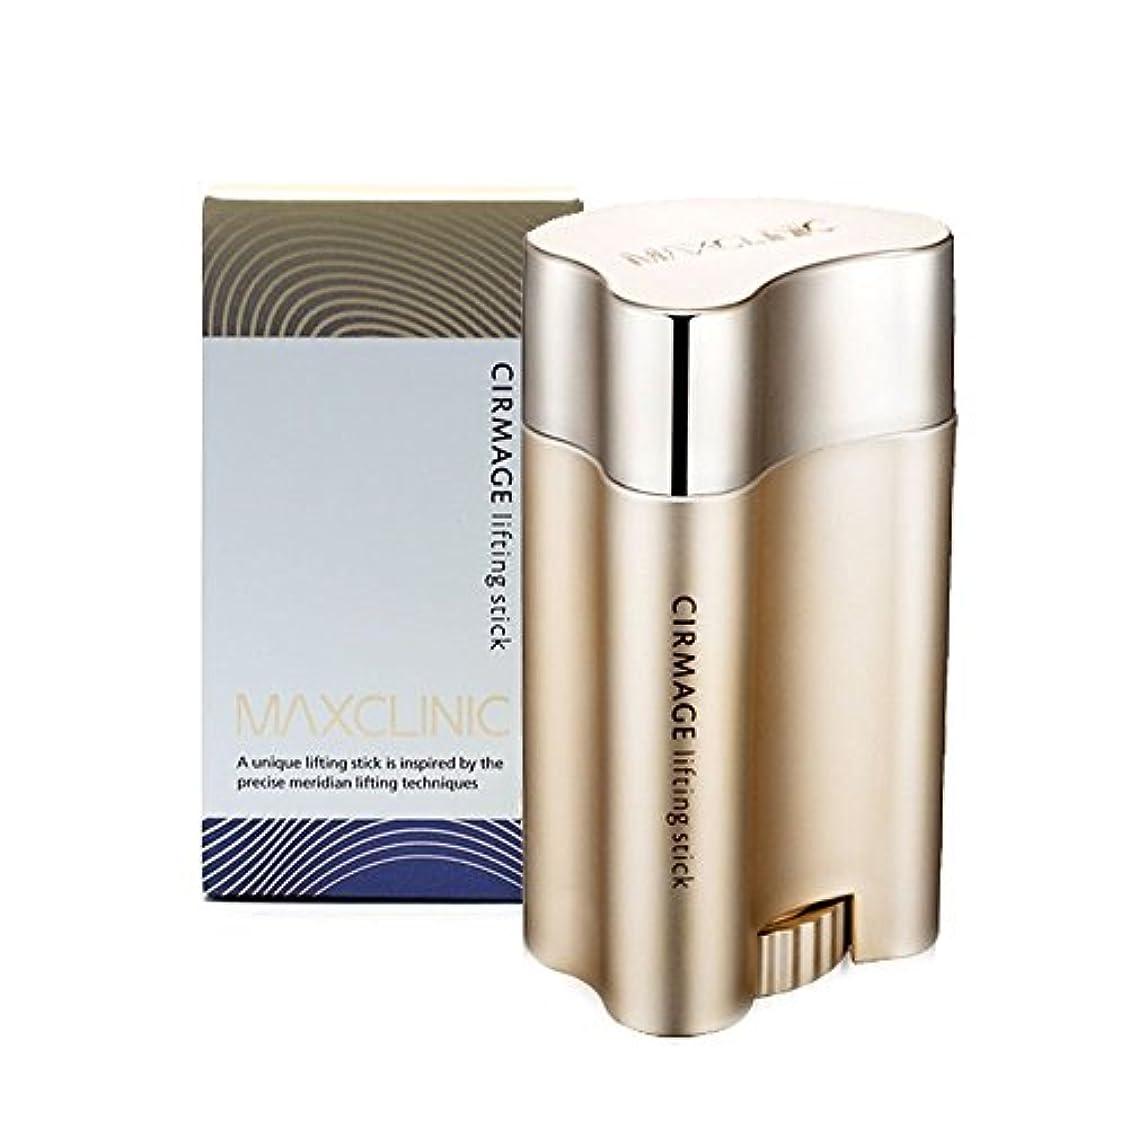 適度な共役ホラーMAXCLINIC マックスクリニック サーメージ リフティング スティック 23g(Cirmage Lifting Stick 23g)/Direct from Korea/w free Gift Sample [並行輸入品]